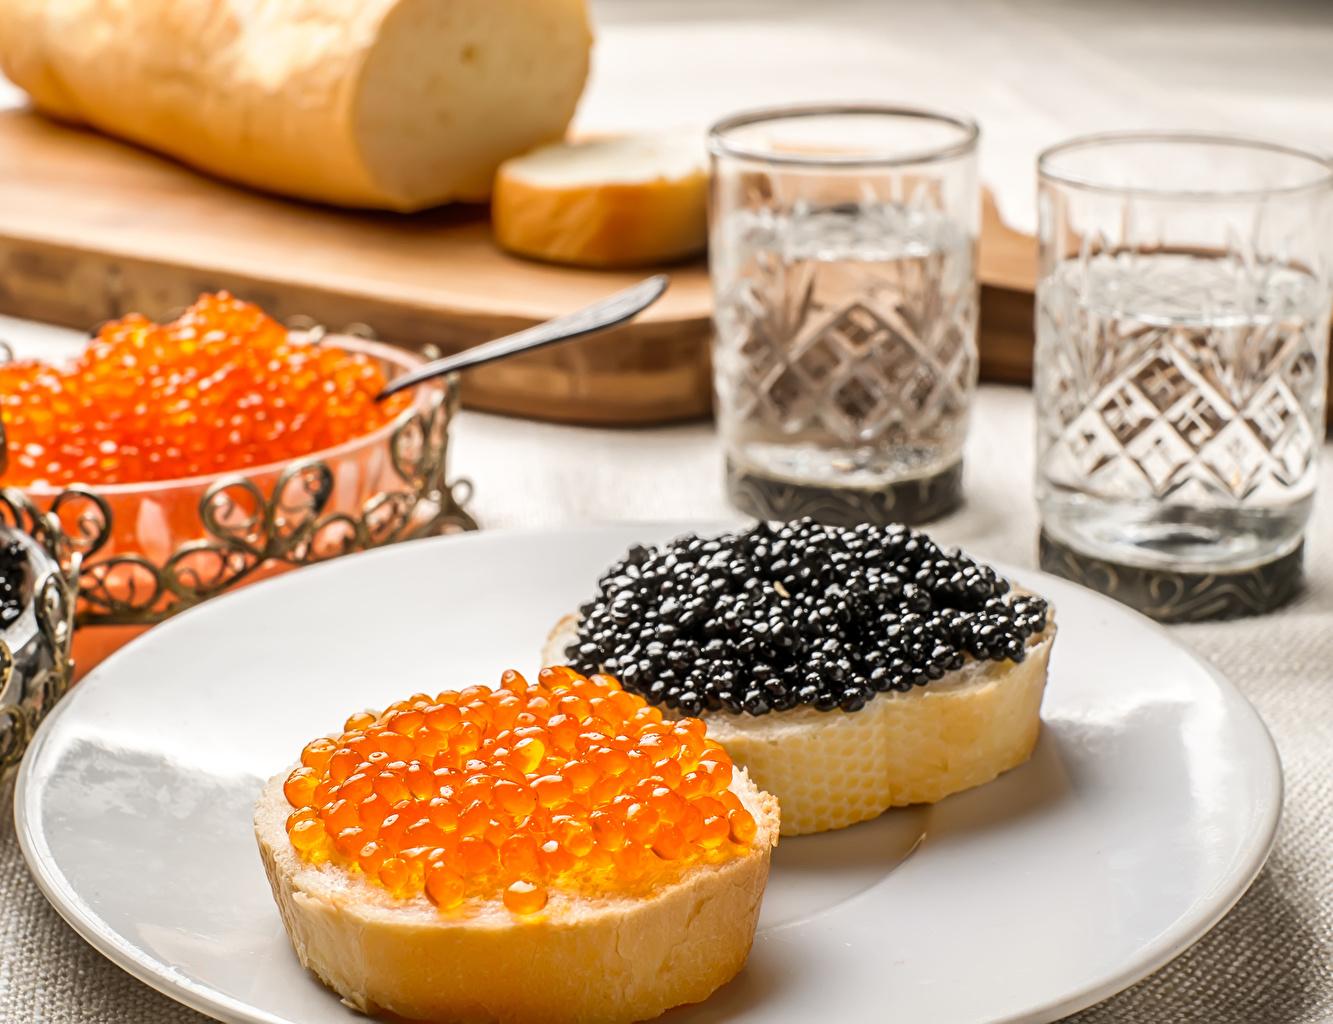 Fotos von Brot Rogen Butterbrot Teller Lebensmittel Kaviar Caviar das Essen